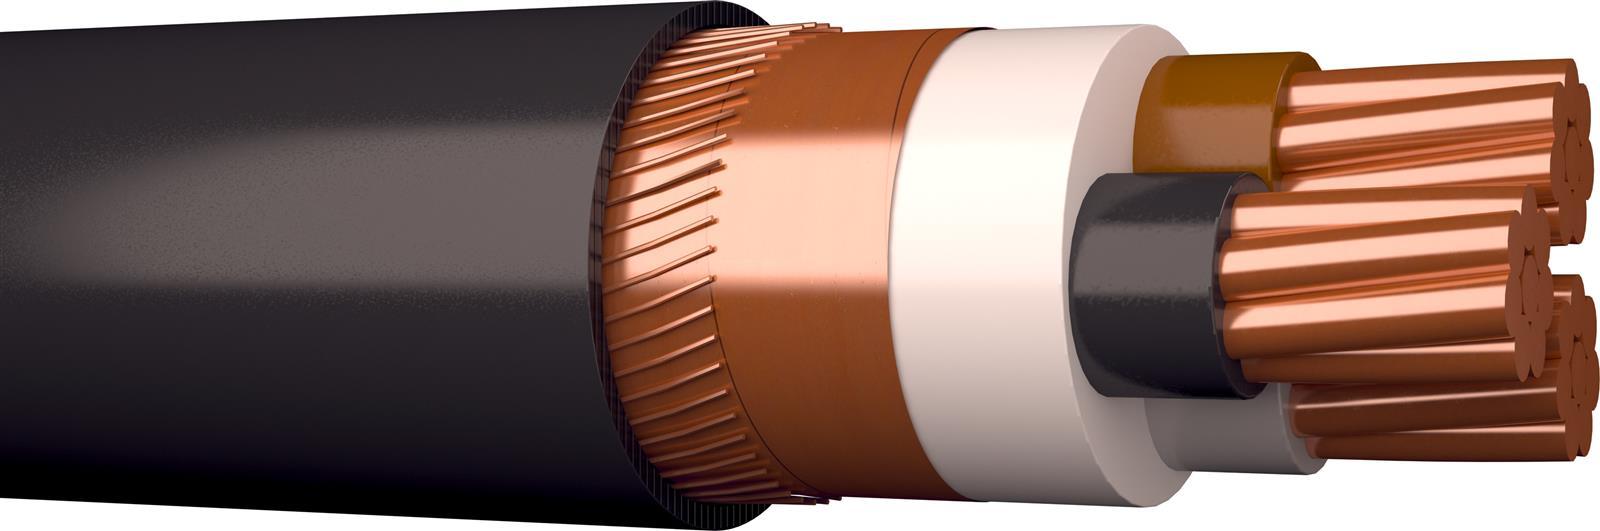 FXQJ-EMC PURE 3X6 FR/6